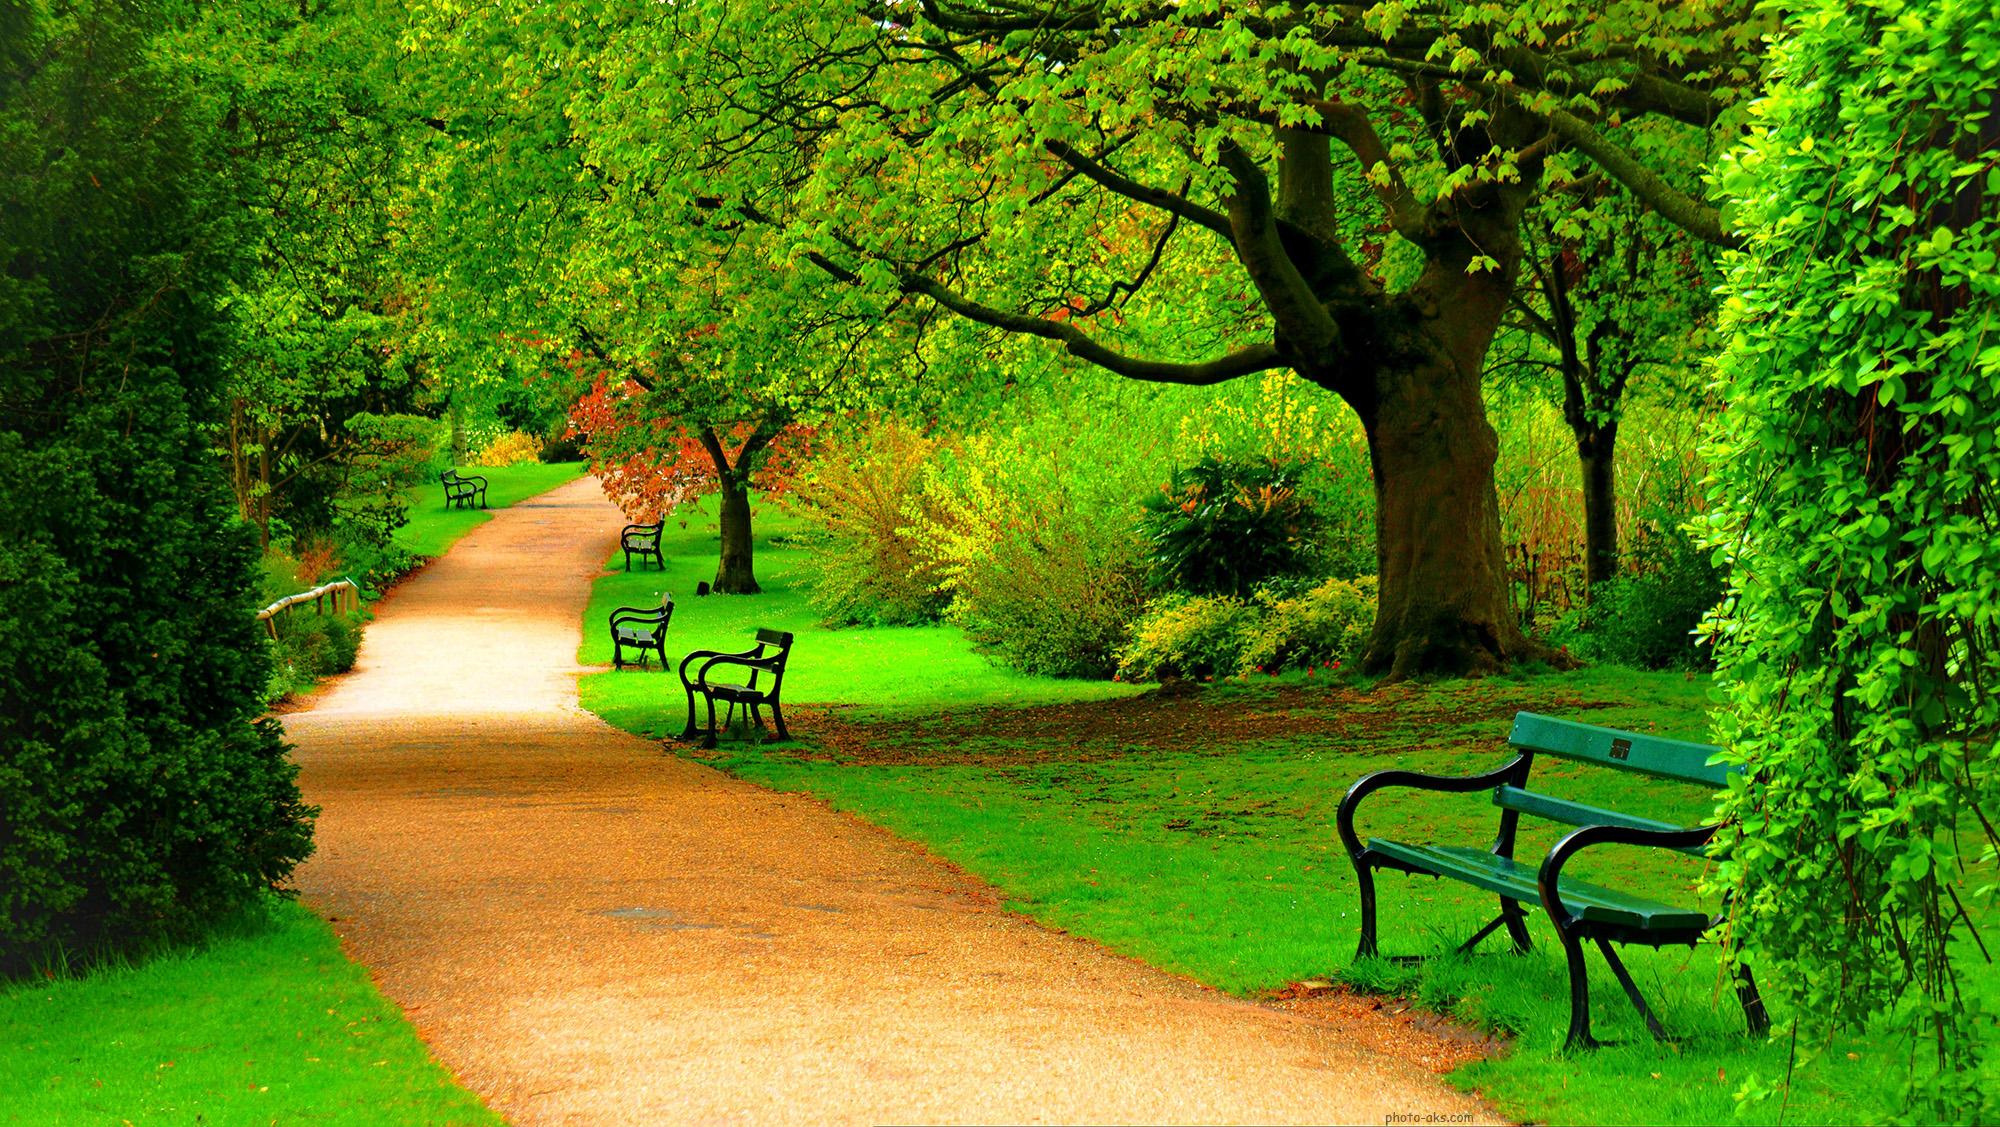 عکس منظره درختان